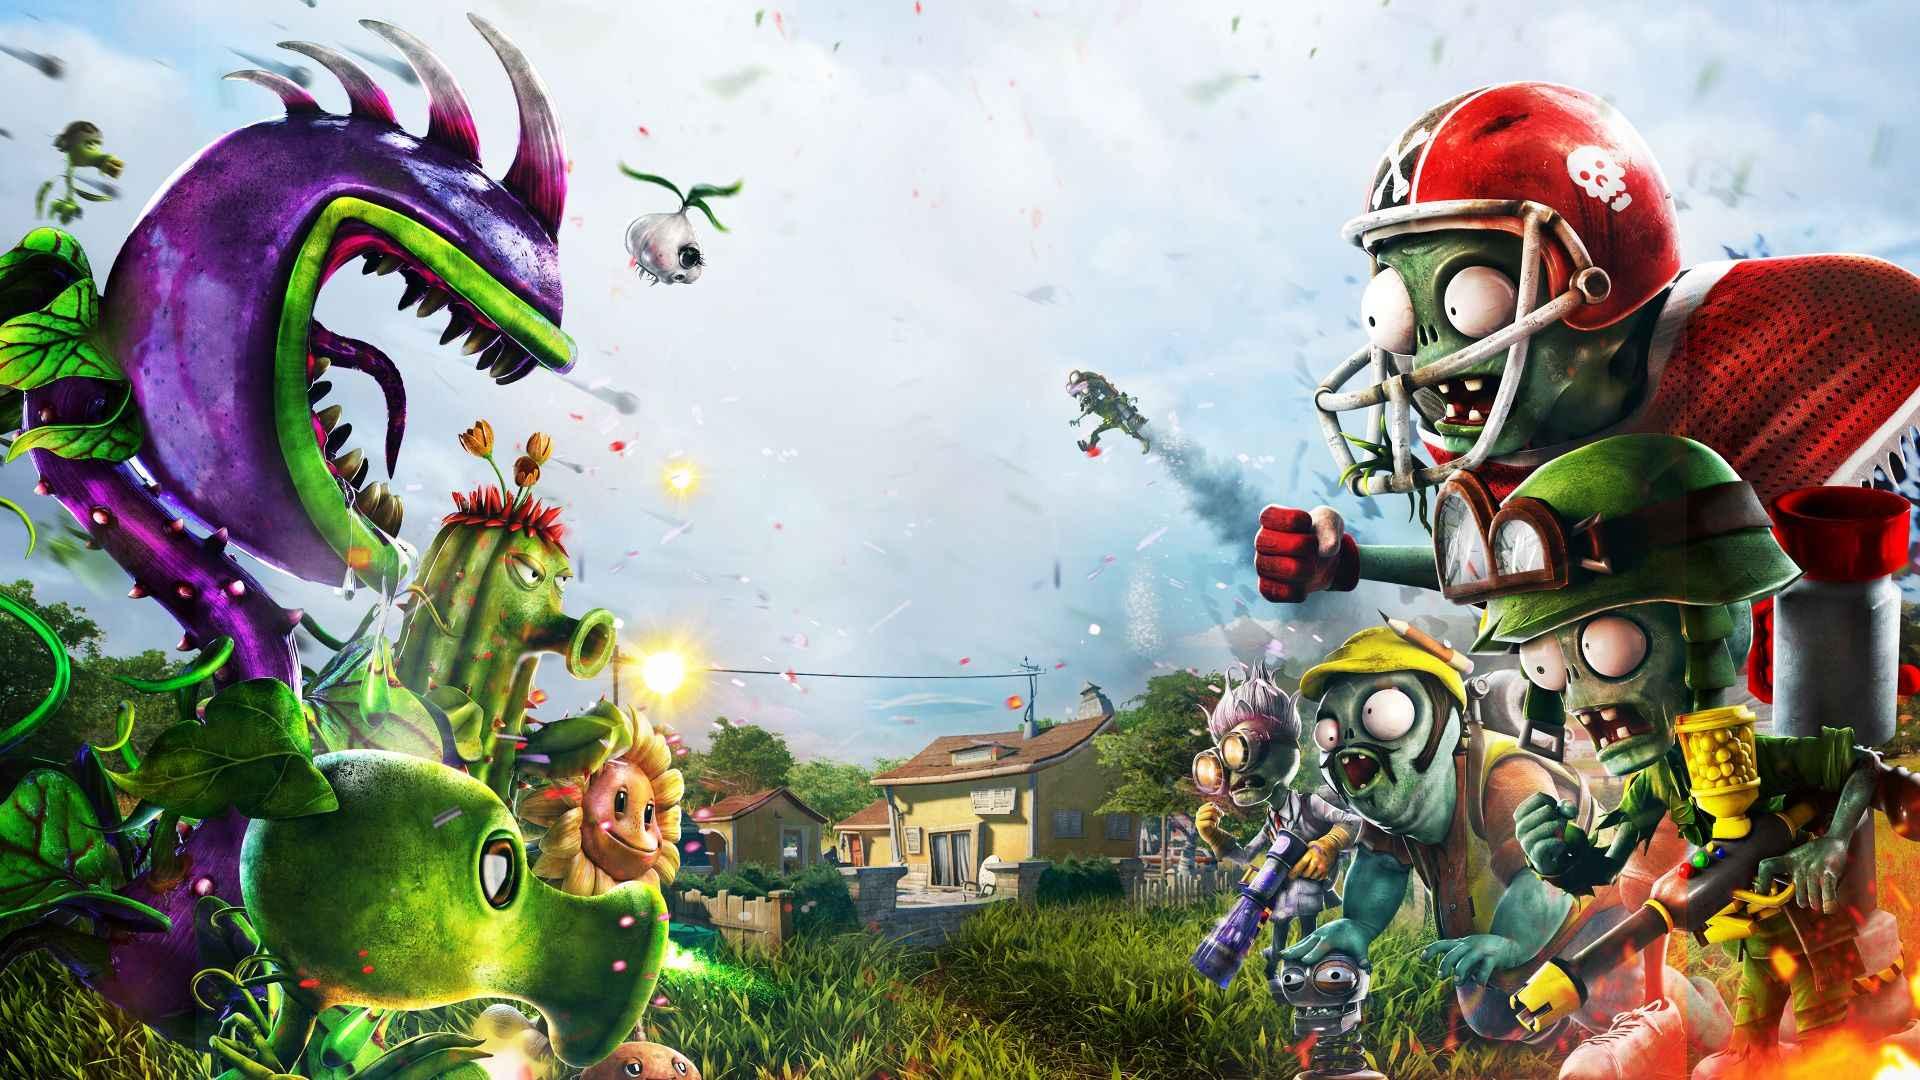 Plants vs. Zombies: Garden Warfare 3 Seemingly Leaked - IGN